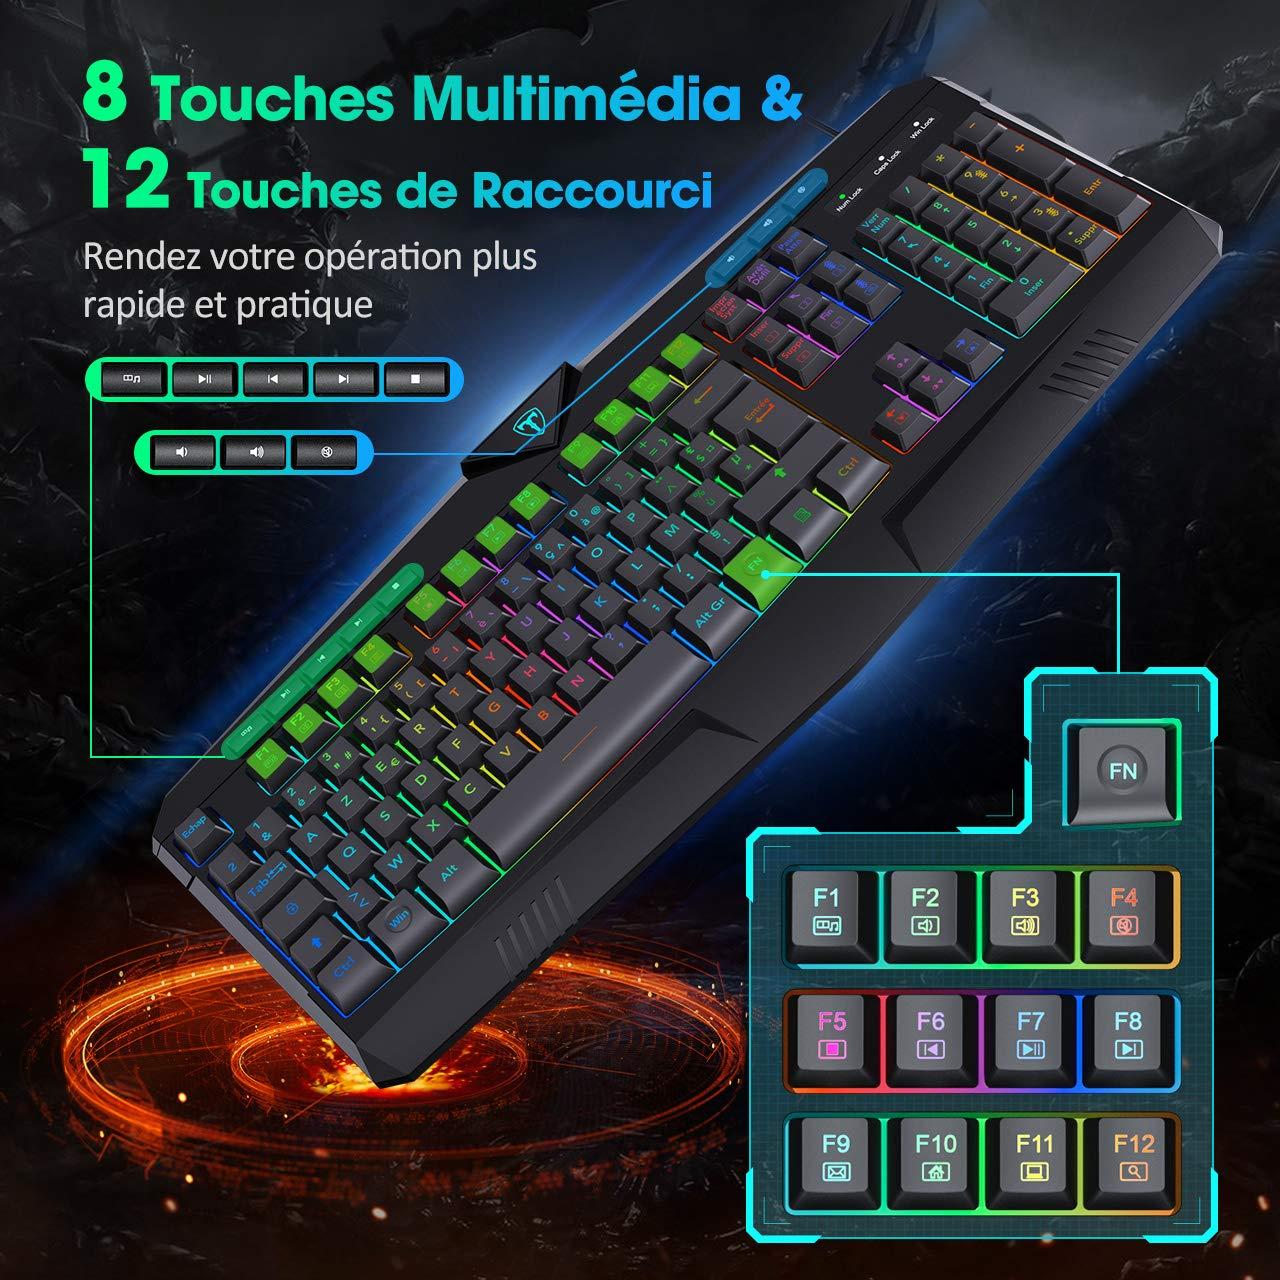 PICTEK Clavier Gamer AZERTY RGB Clavier USB Filaire Rétroéclairage [Version Améliorée 2020] avec 8 Touches Multimédia Indépendant et 25 Touches